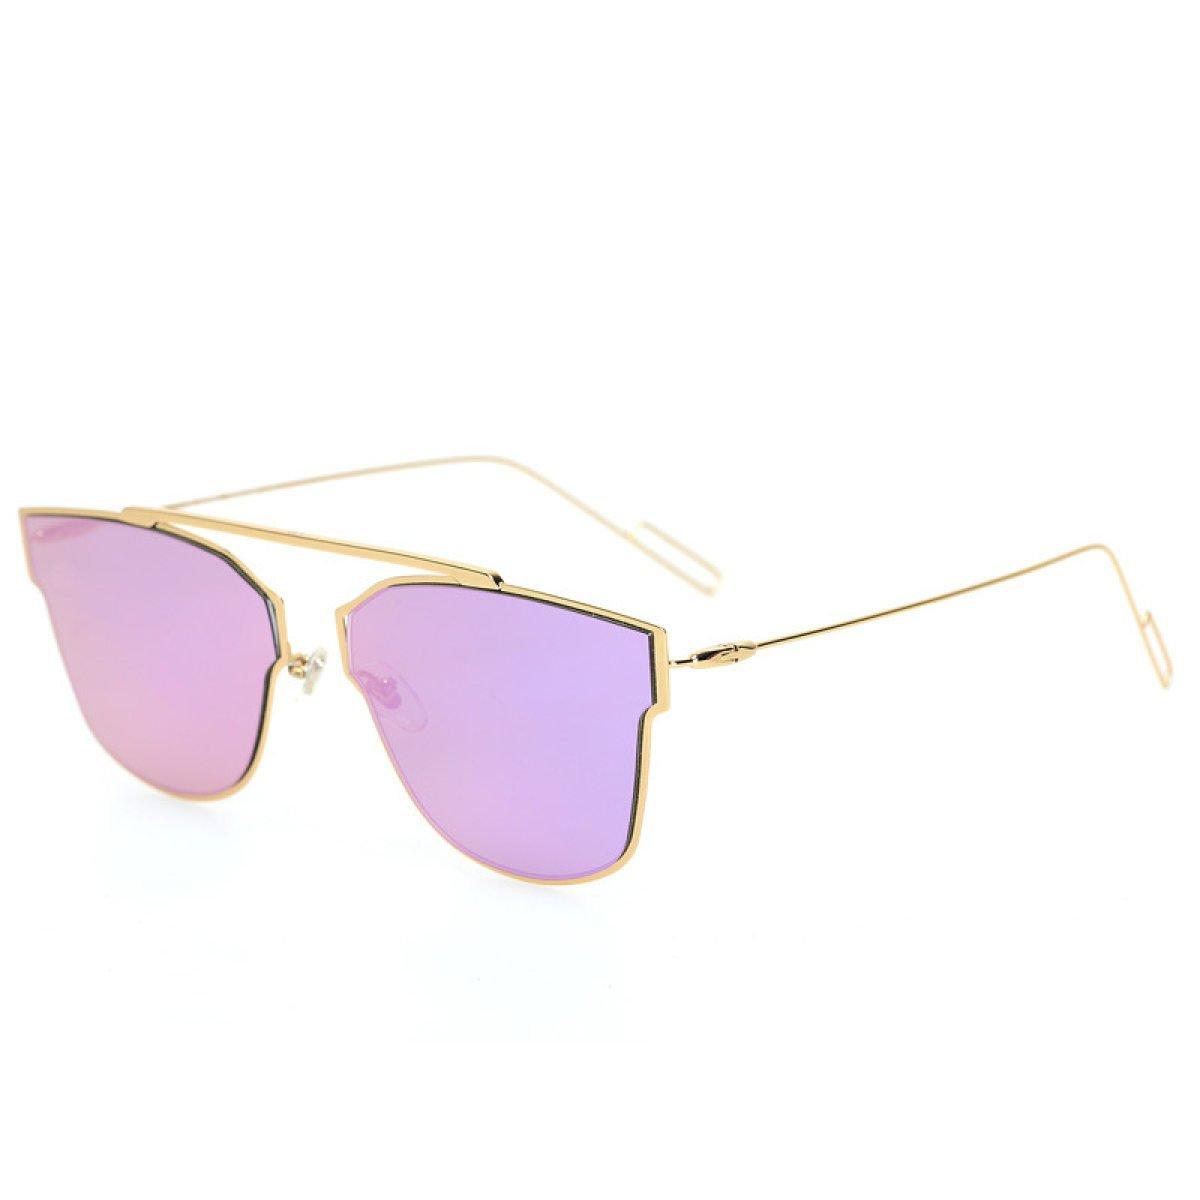 Wkaijc Spindeldürren Beine Die Frau Zum Mann Mode Persönlichkeit Bequem Quadrat Hell Sonnenbrillen Sonnenbrillen ,A